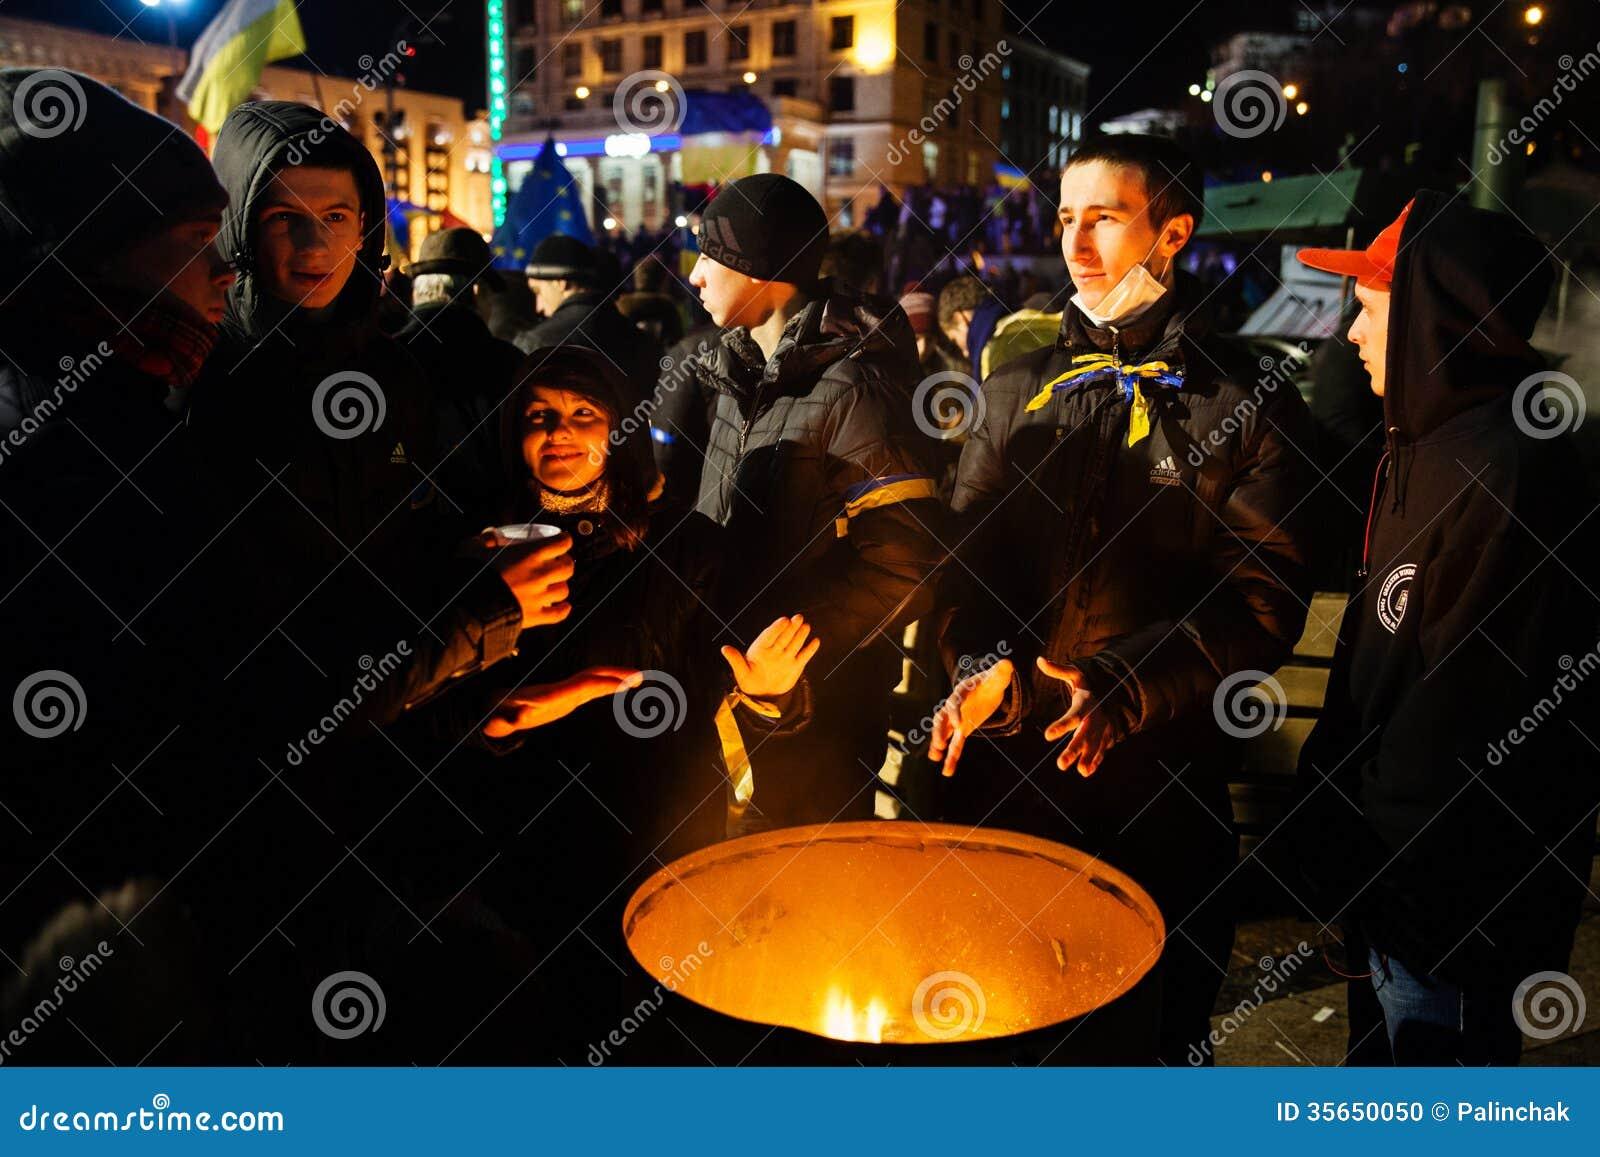 Kiev ukraine november 29 pro europe protest in kiev for Europe in november